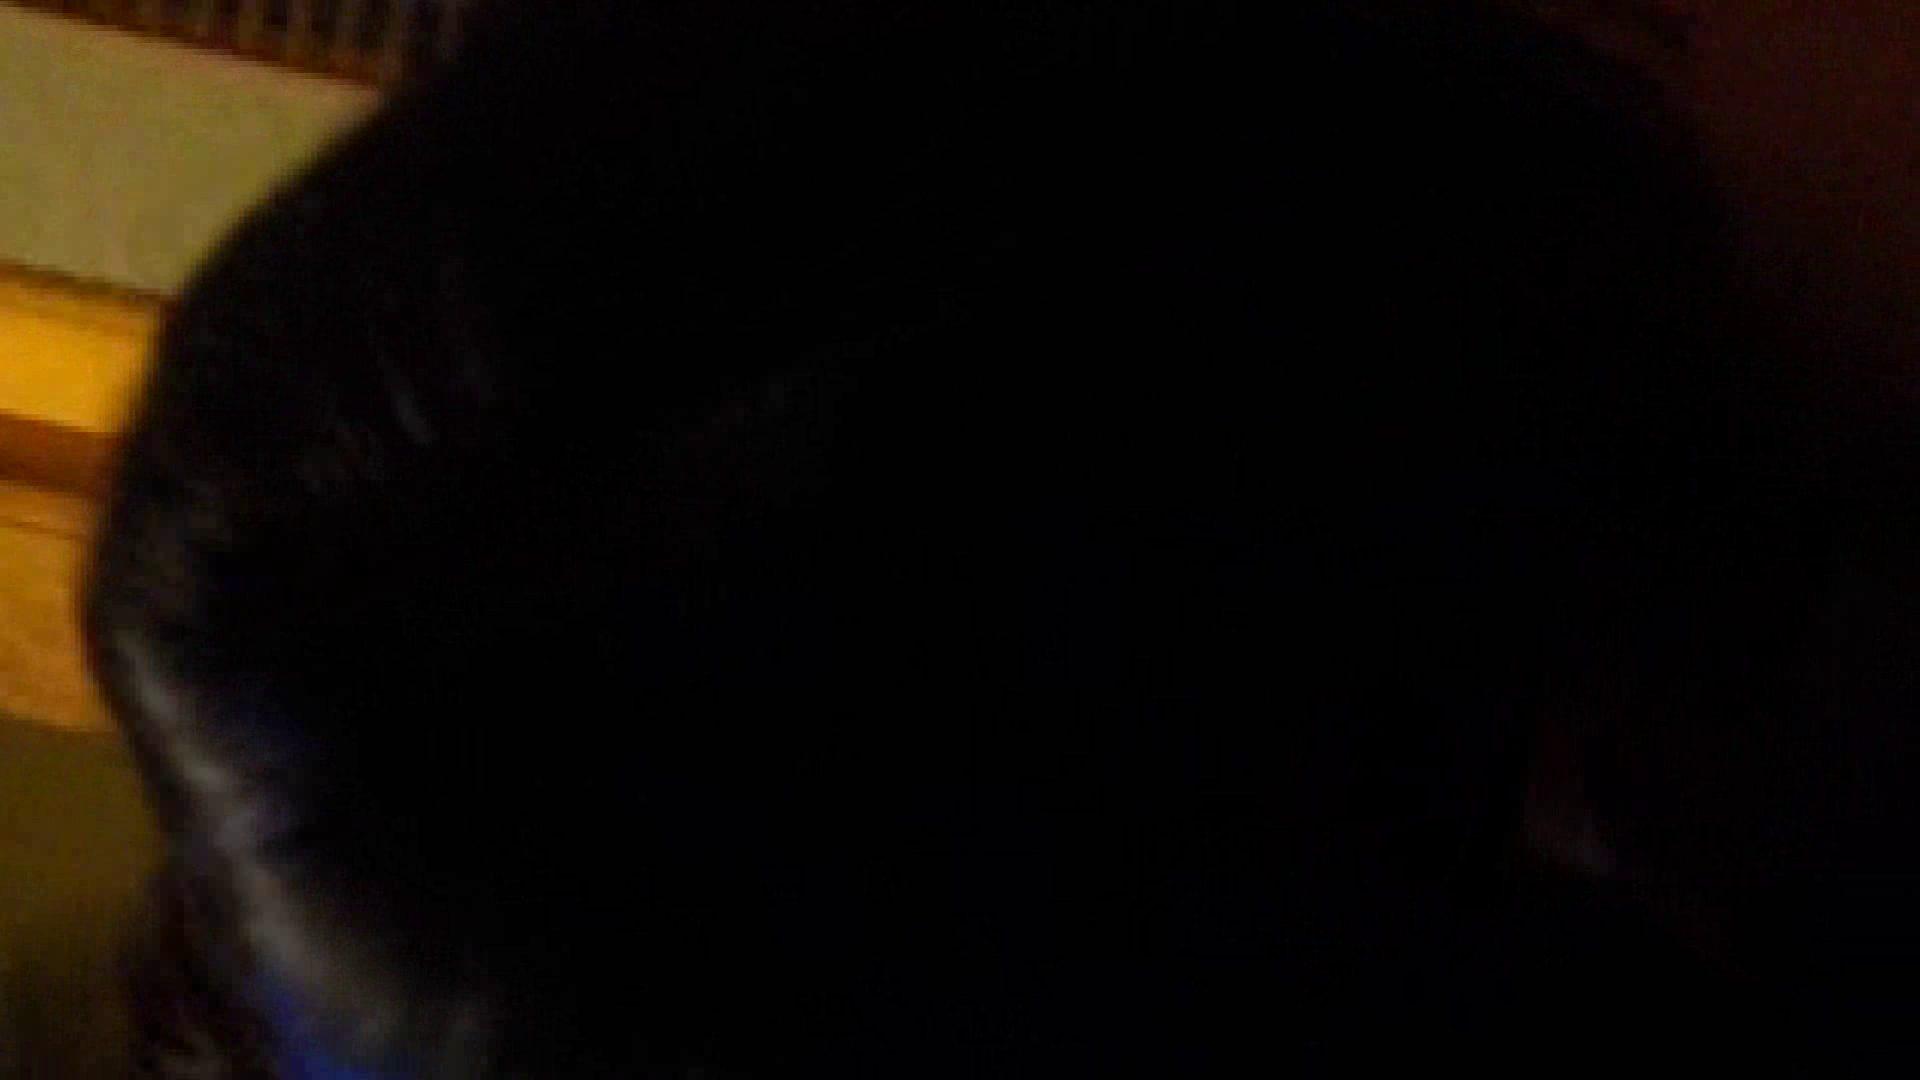 キレイに撮れるんです!No12!韓国流出編Vol.18 すけべなお姉さん すけべAV動画紹介 99画像 29